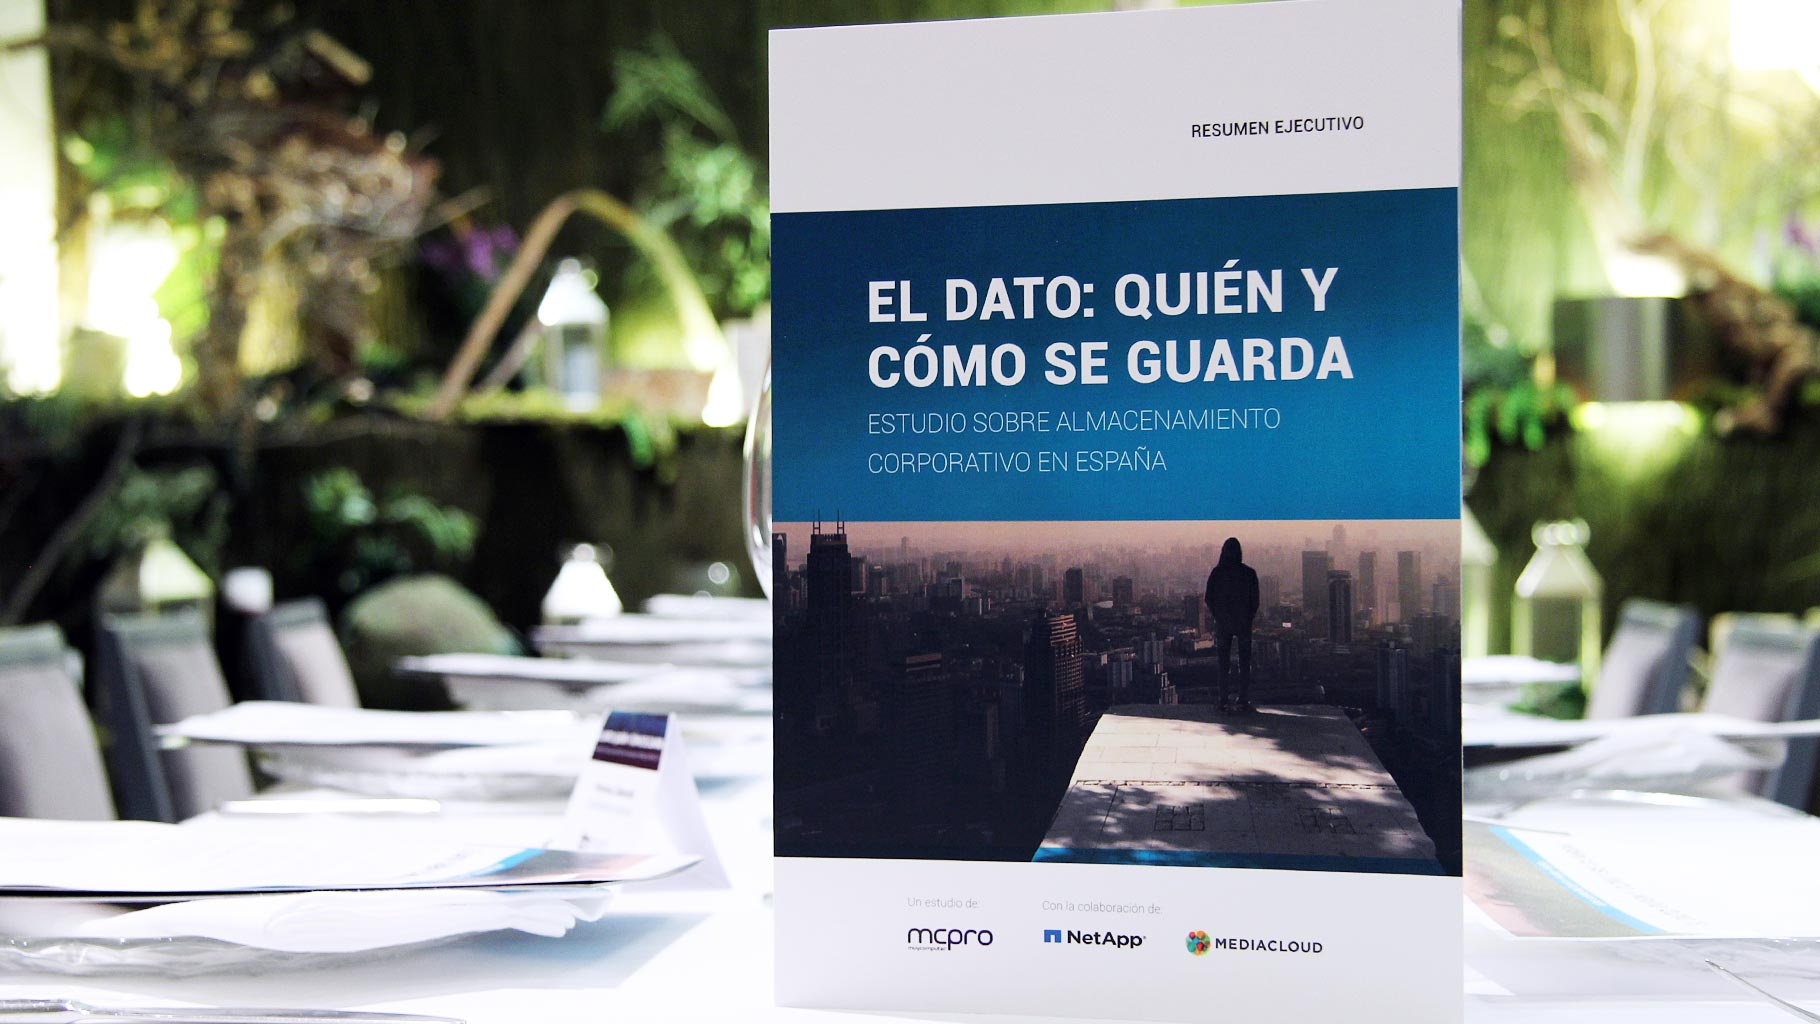 netapp-evento-informe-resumen-ejecutivo-tecnologia-canal-18